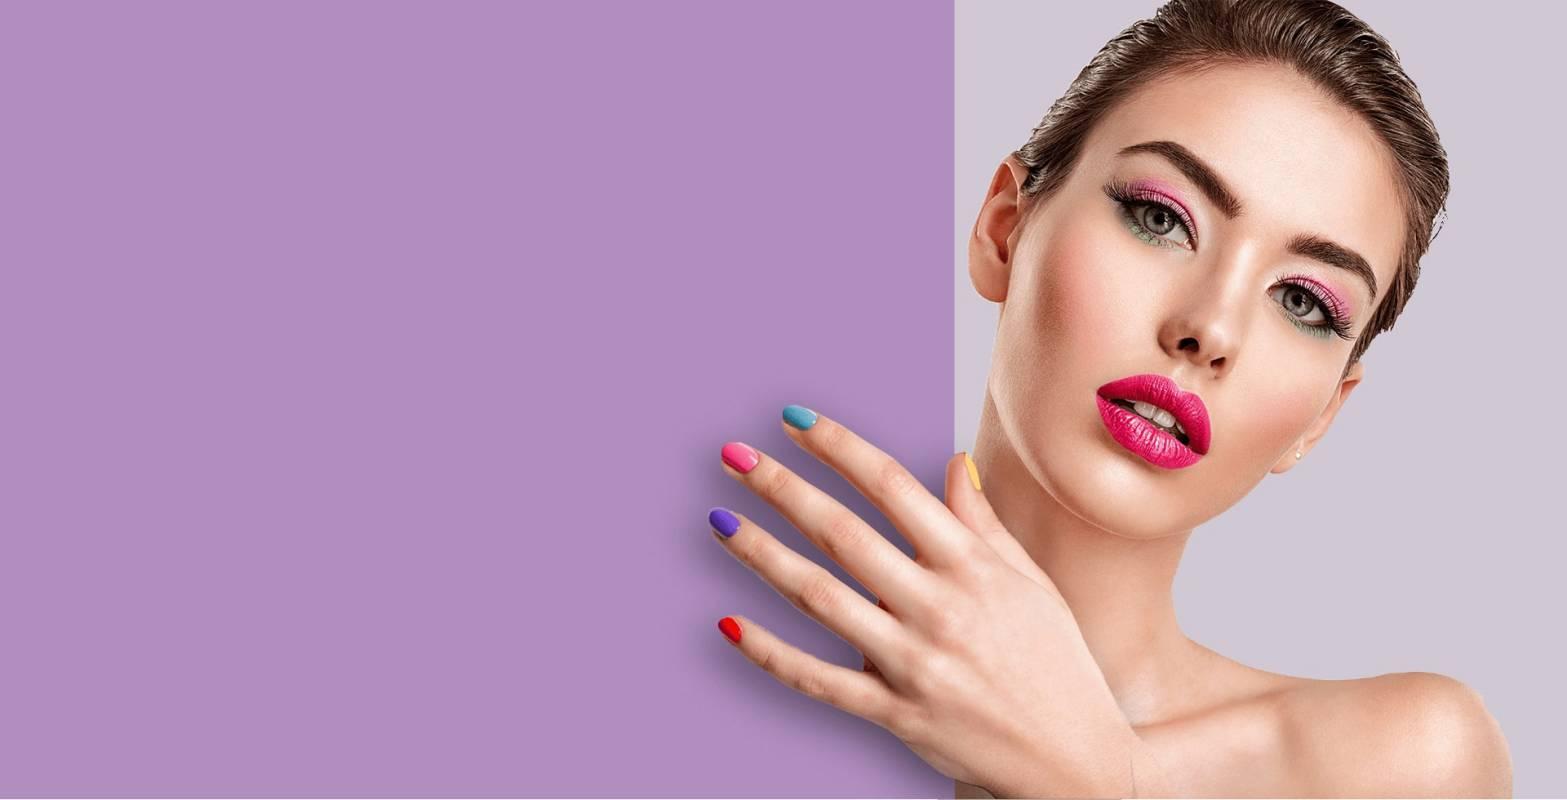 Яркий розовый макияж и разноцветный маникюр